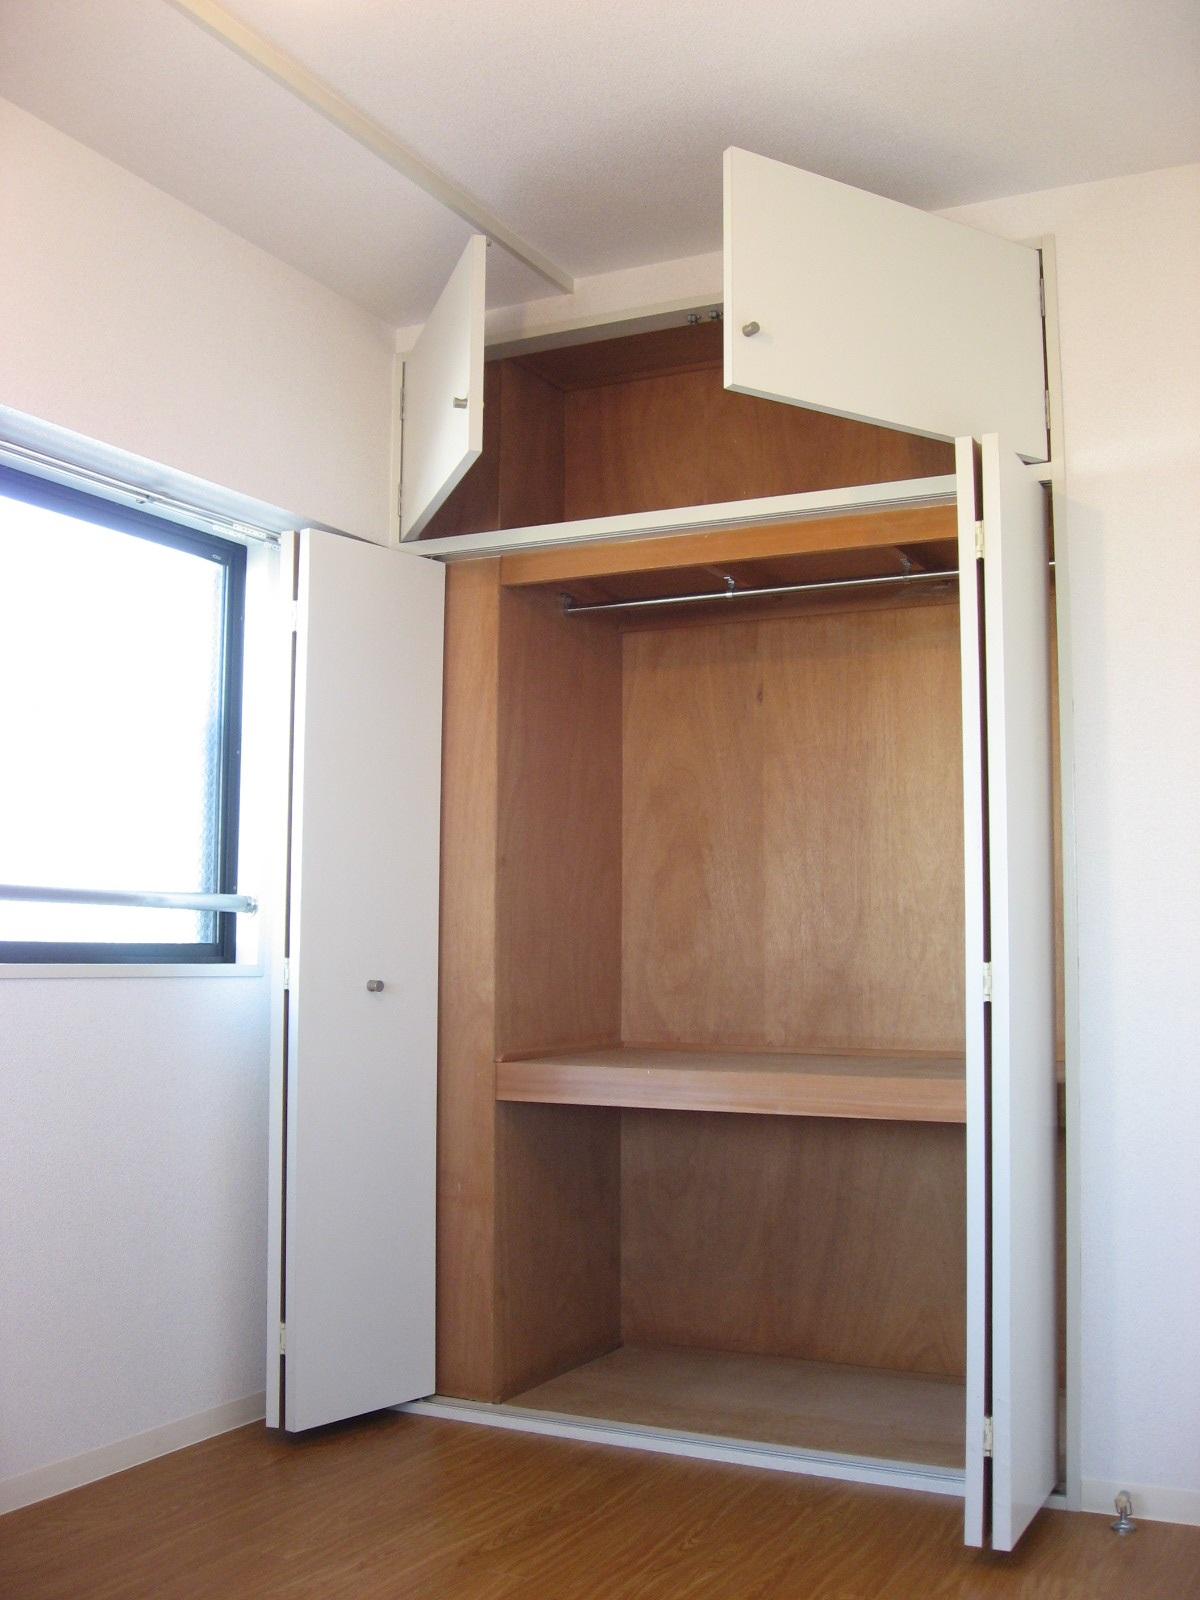 その他部屋・スペース 玄関横の洋室の大容量の収納です!嬉しい天袋も!